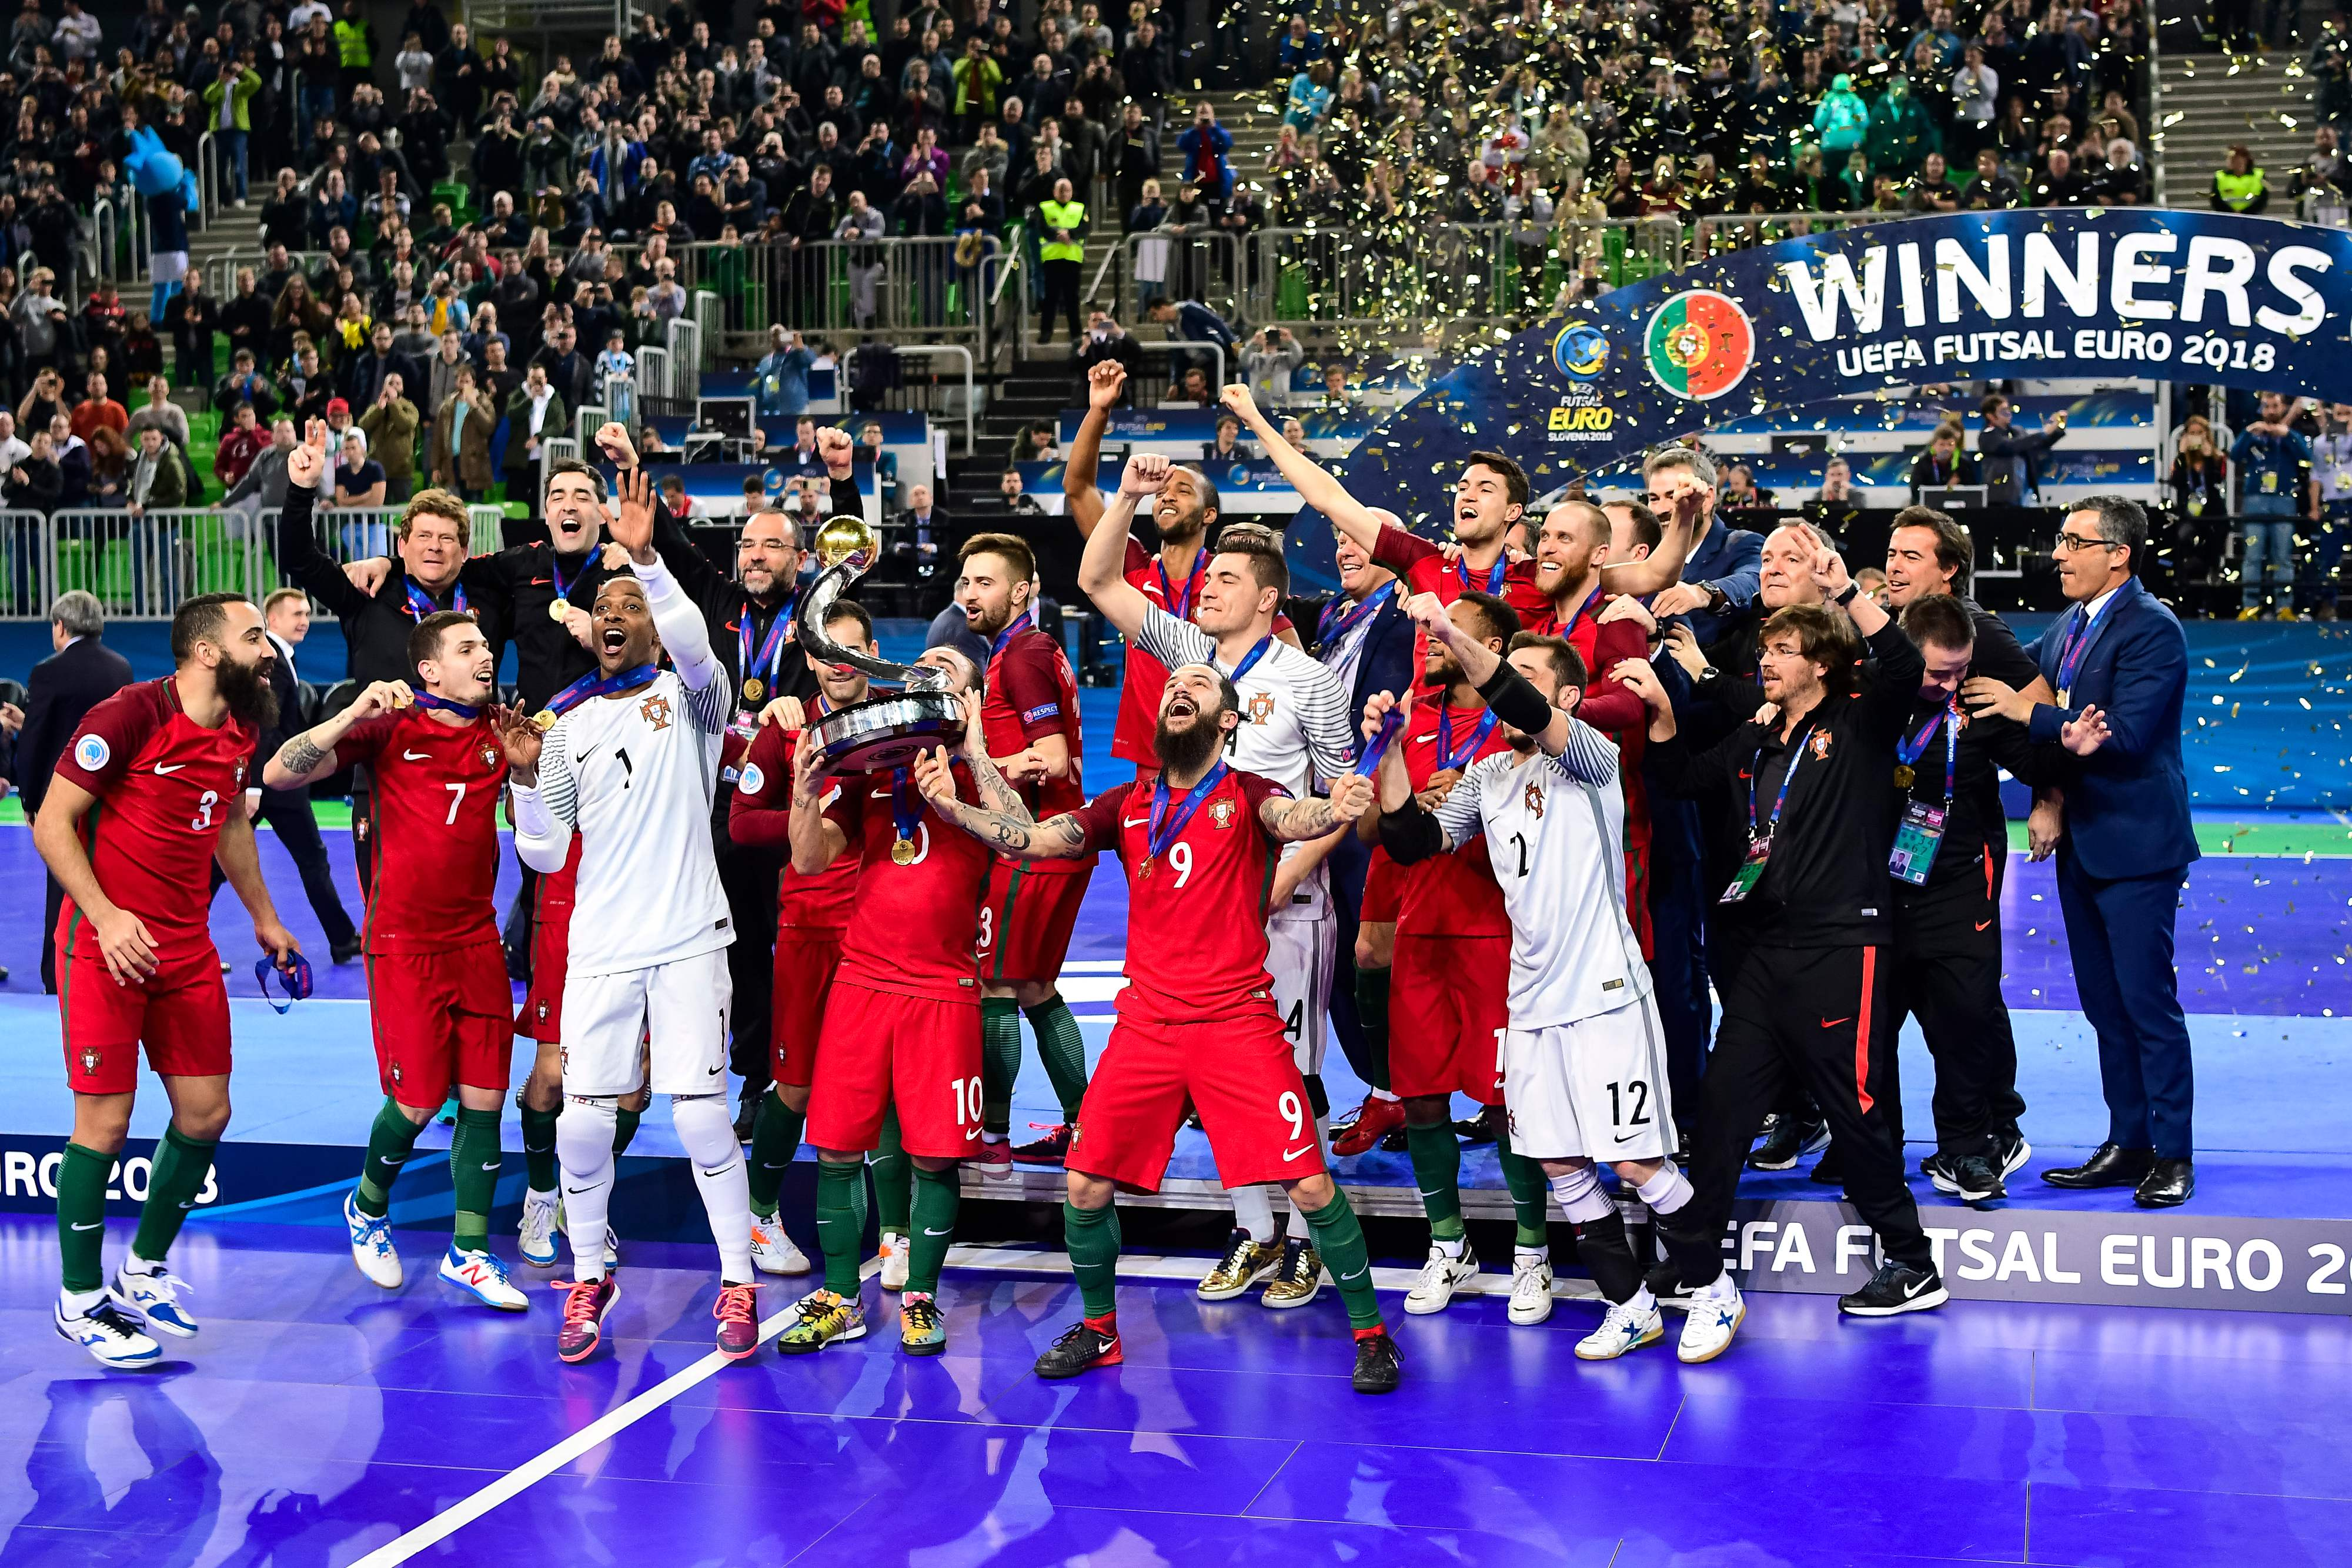 Seleção de futsal recebida em euforia em Lisboa | VÍDEO